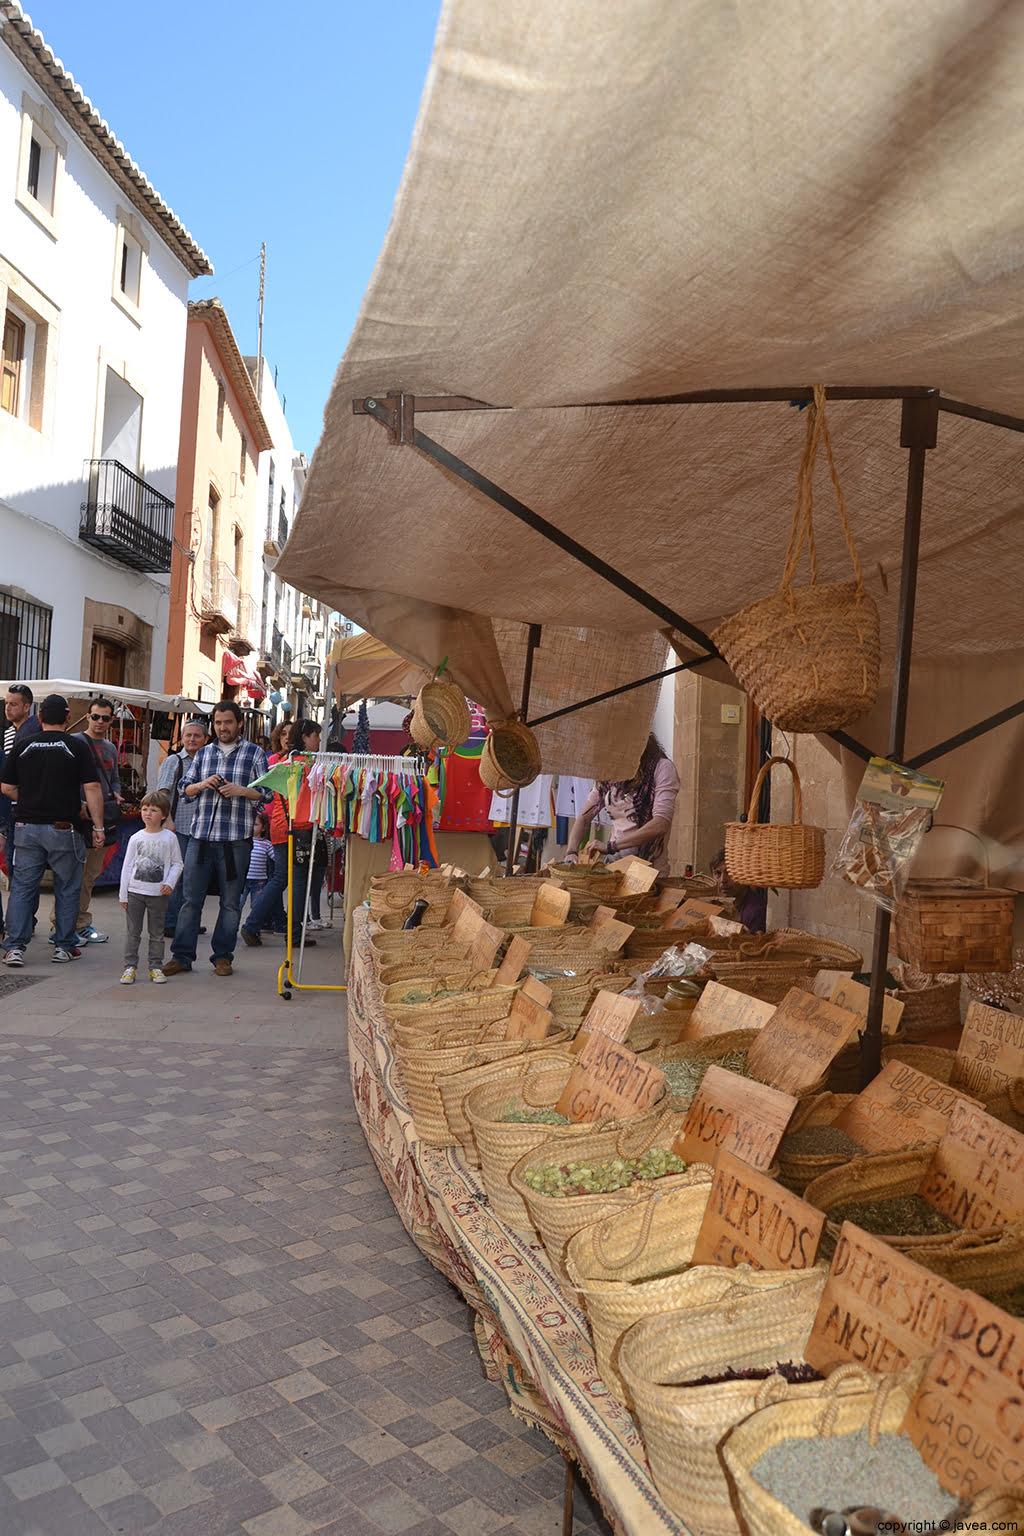 Las calles del Centro Histórico de Jávea se llena de artesanía durante la Semana Santa